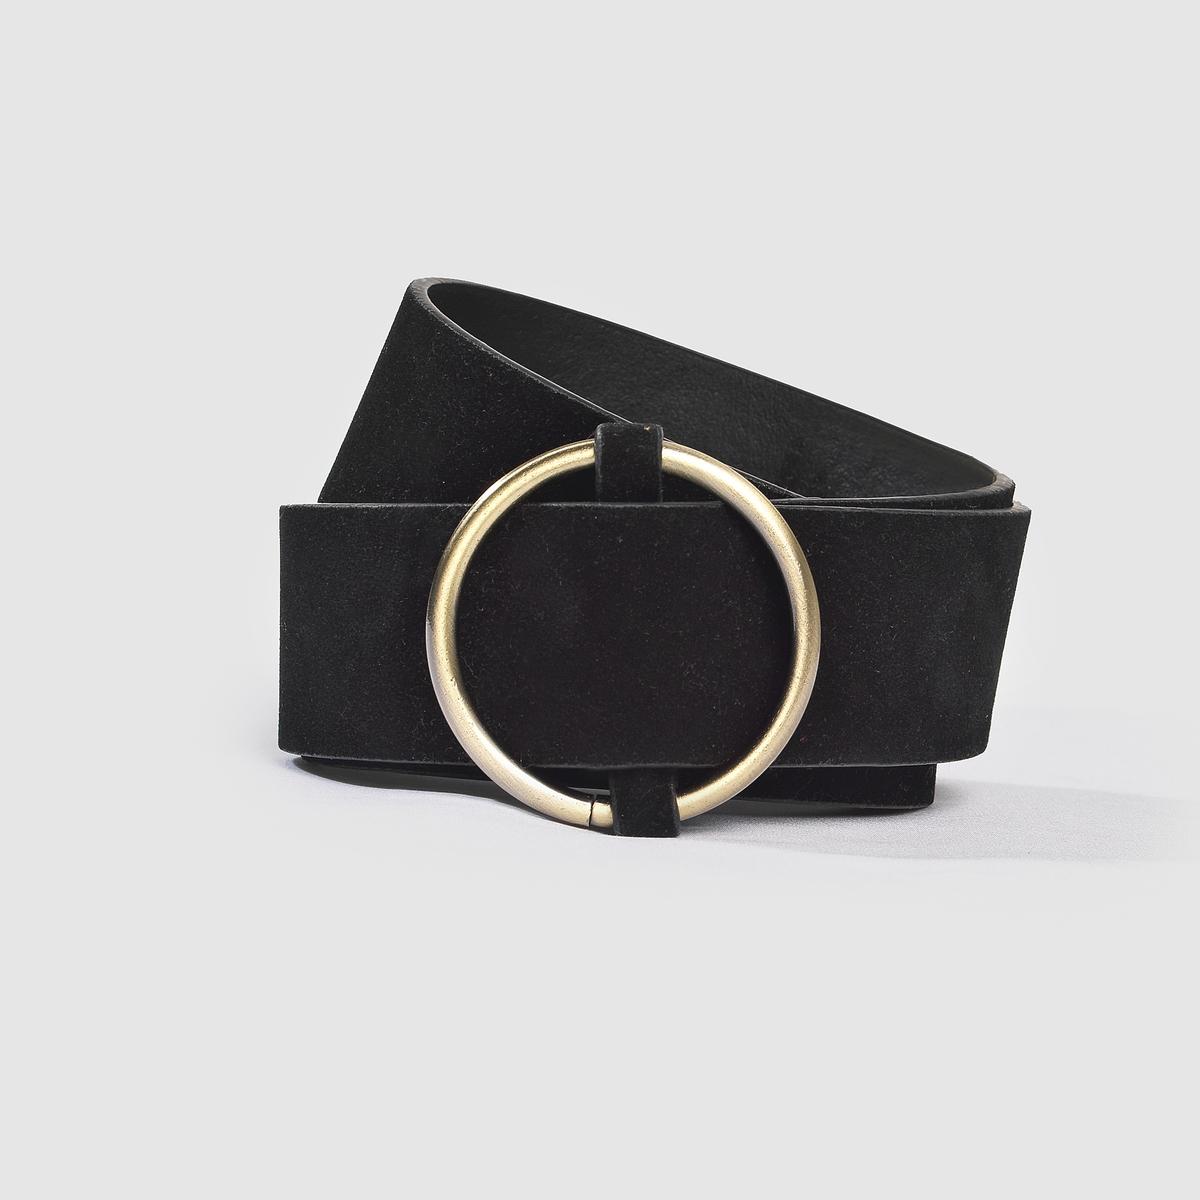 Ремень в винтажном стиле с круглой пряжкой